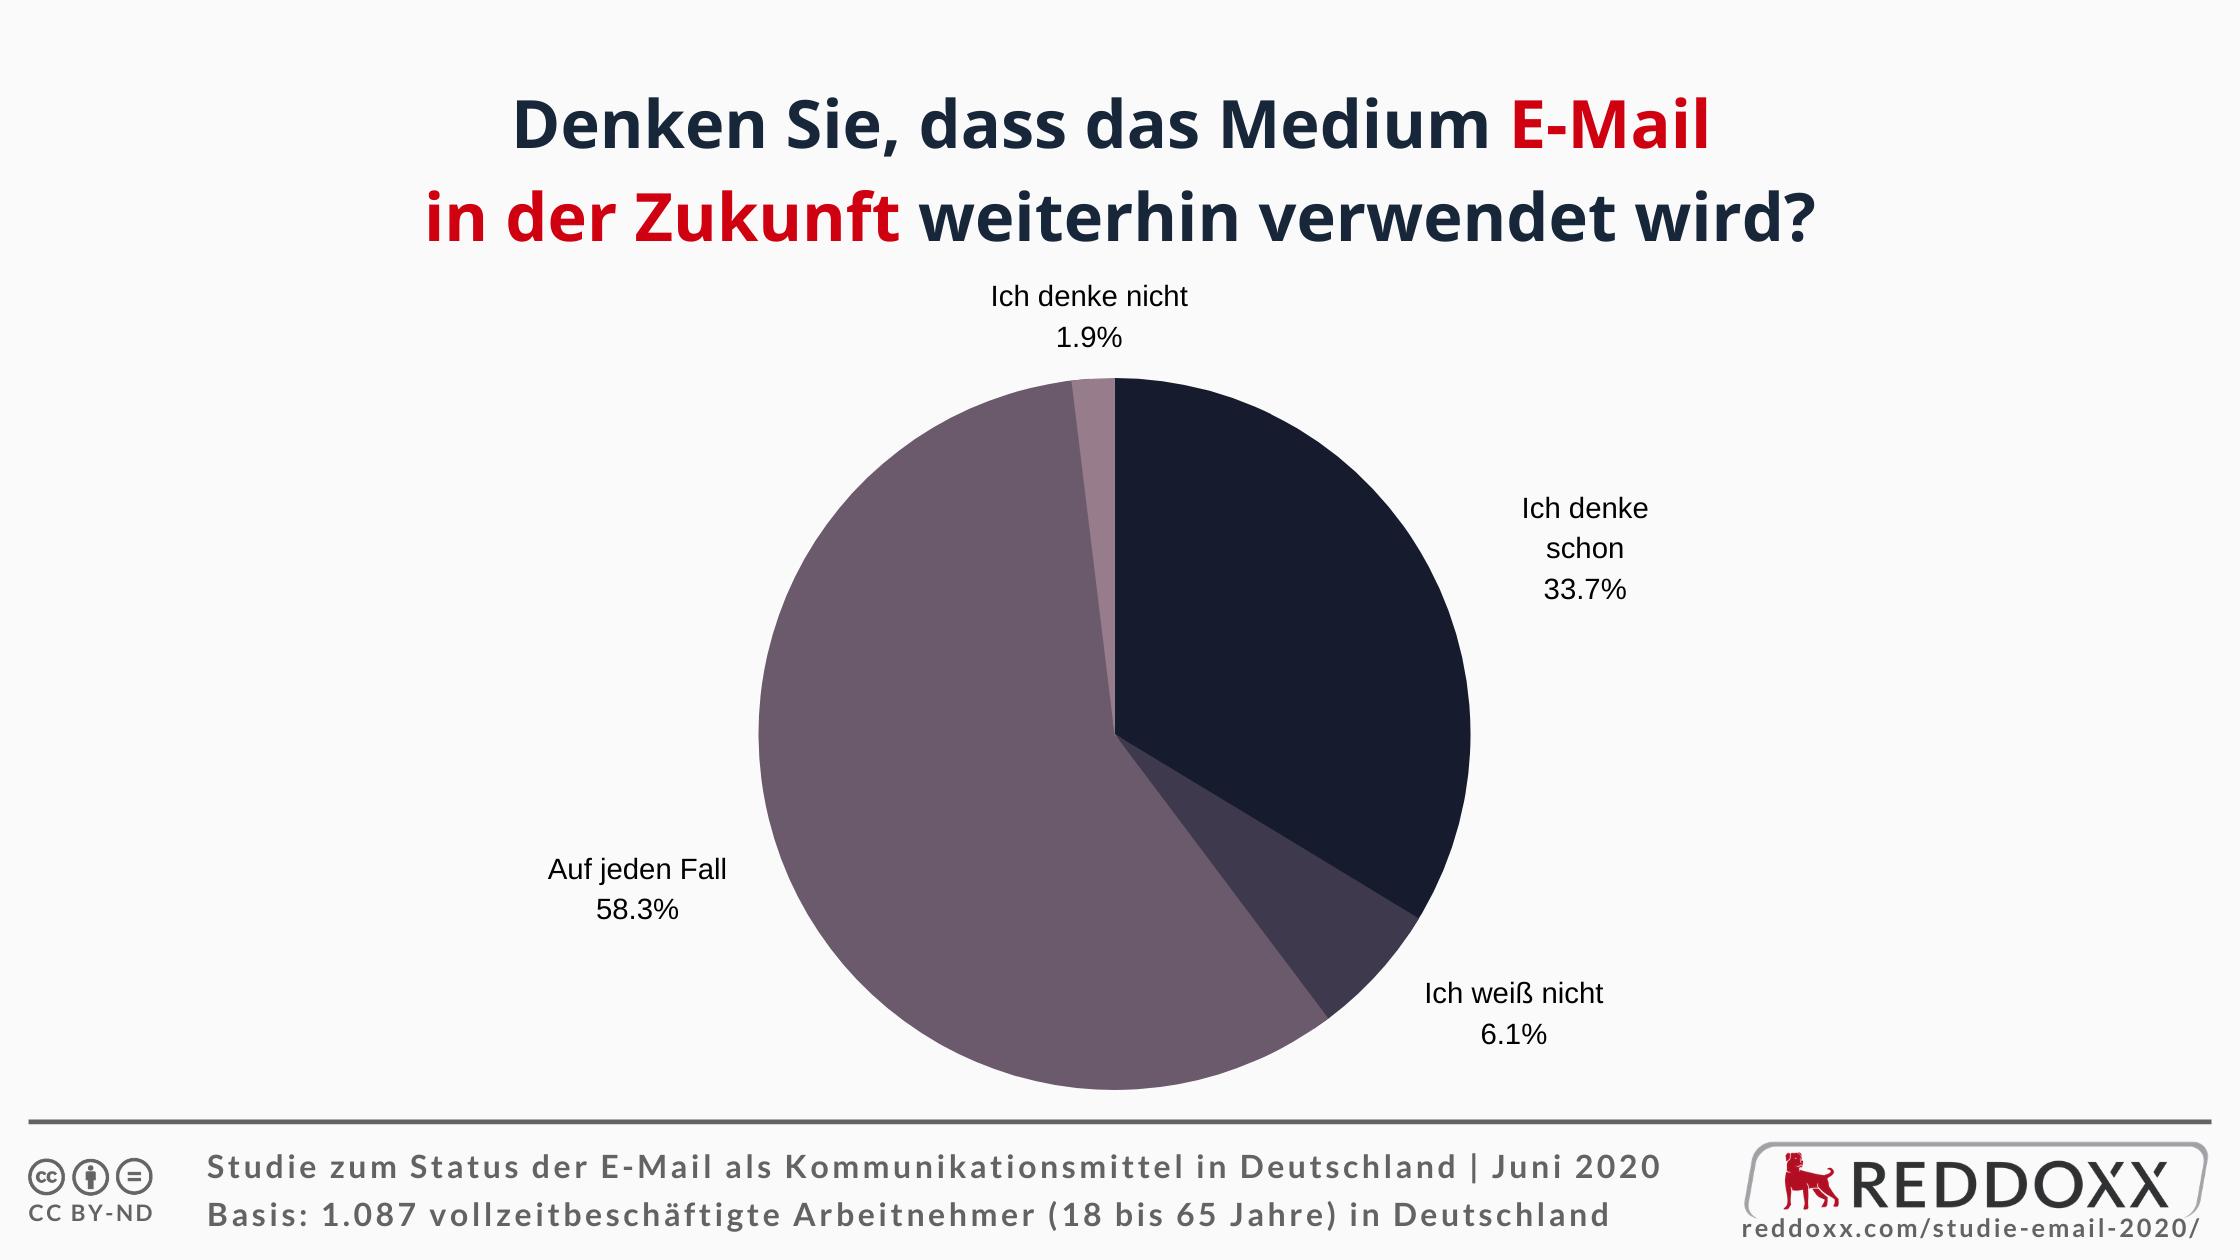 Denken Sie, dass das Medium E-Mail in der Zukunft weiterhin verwendet wird?